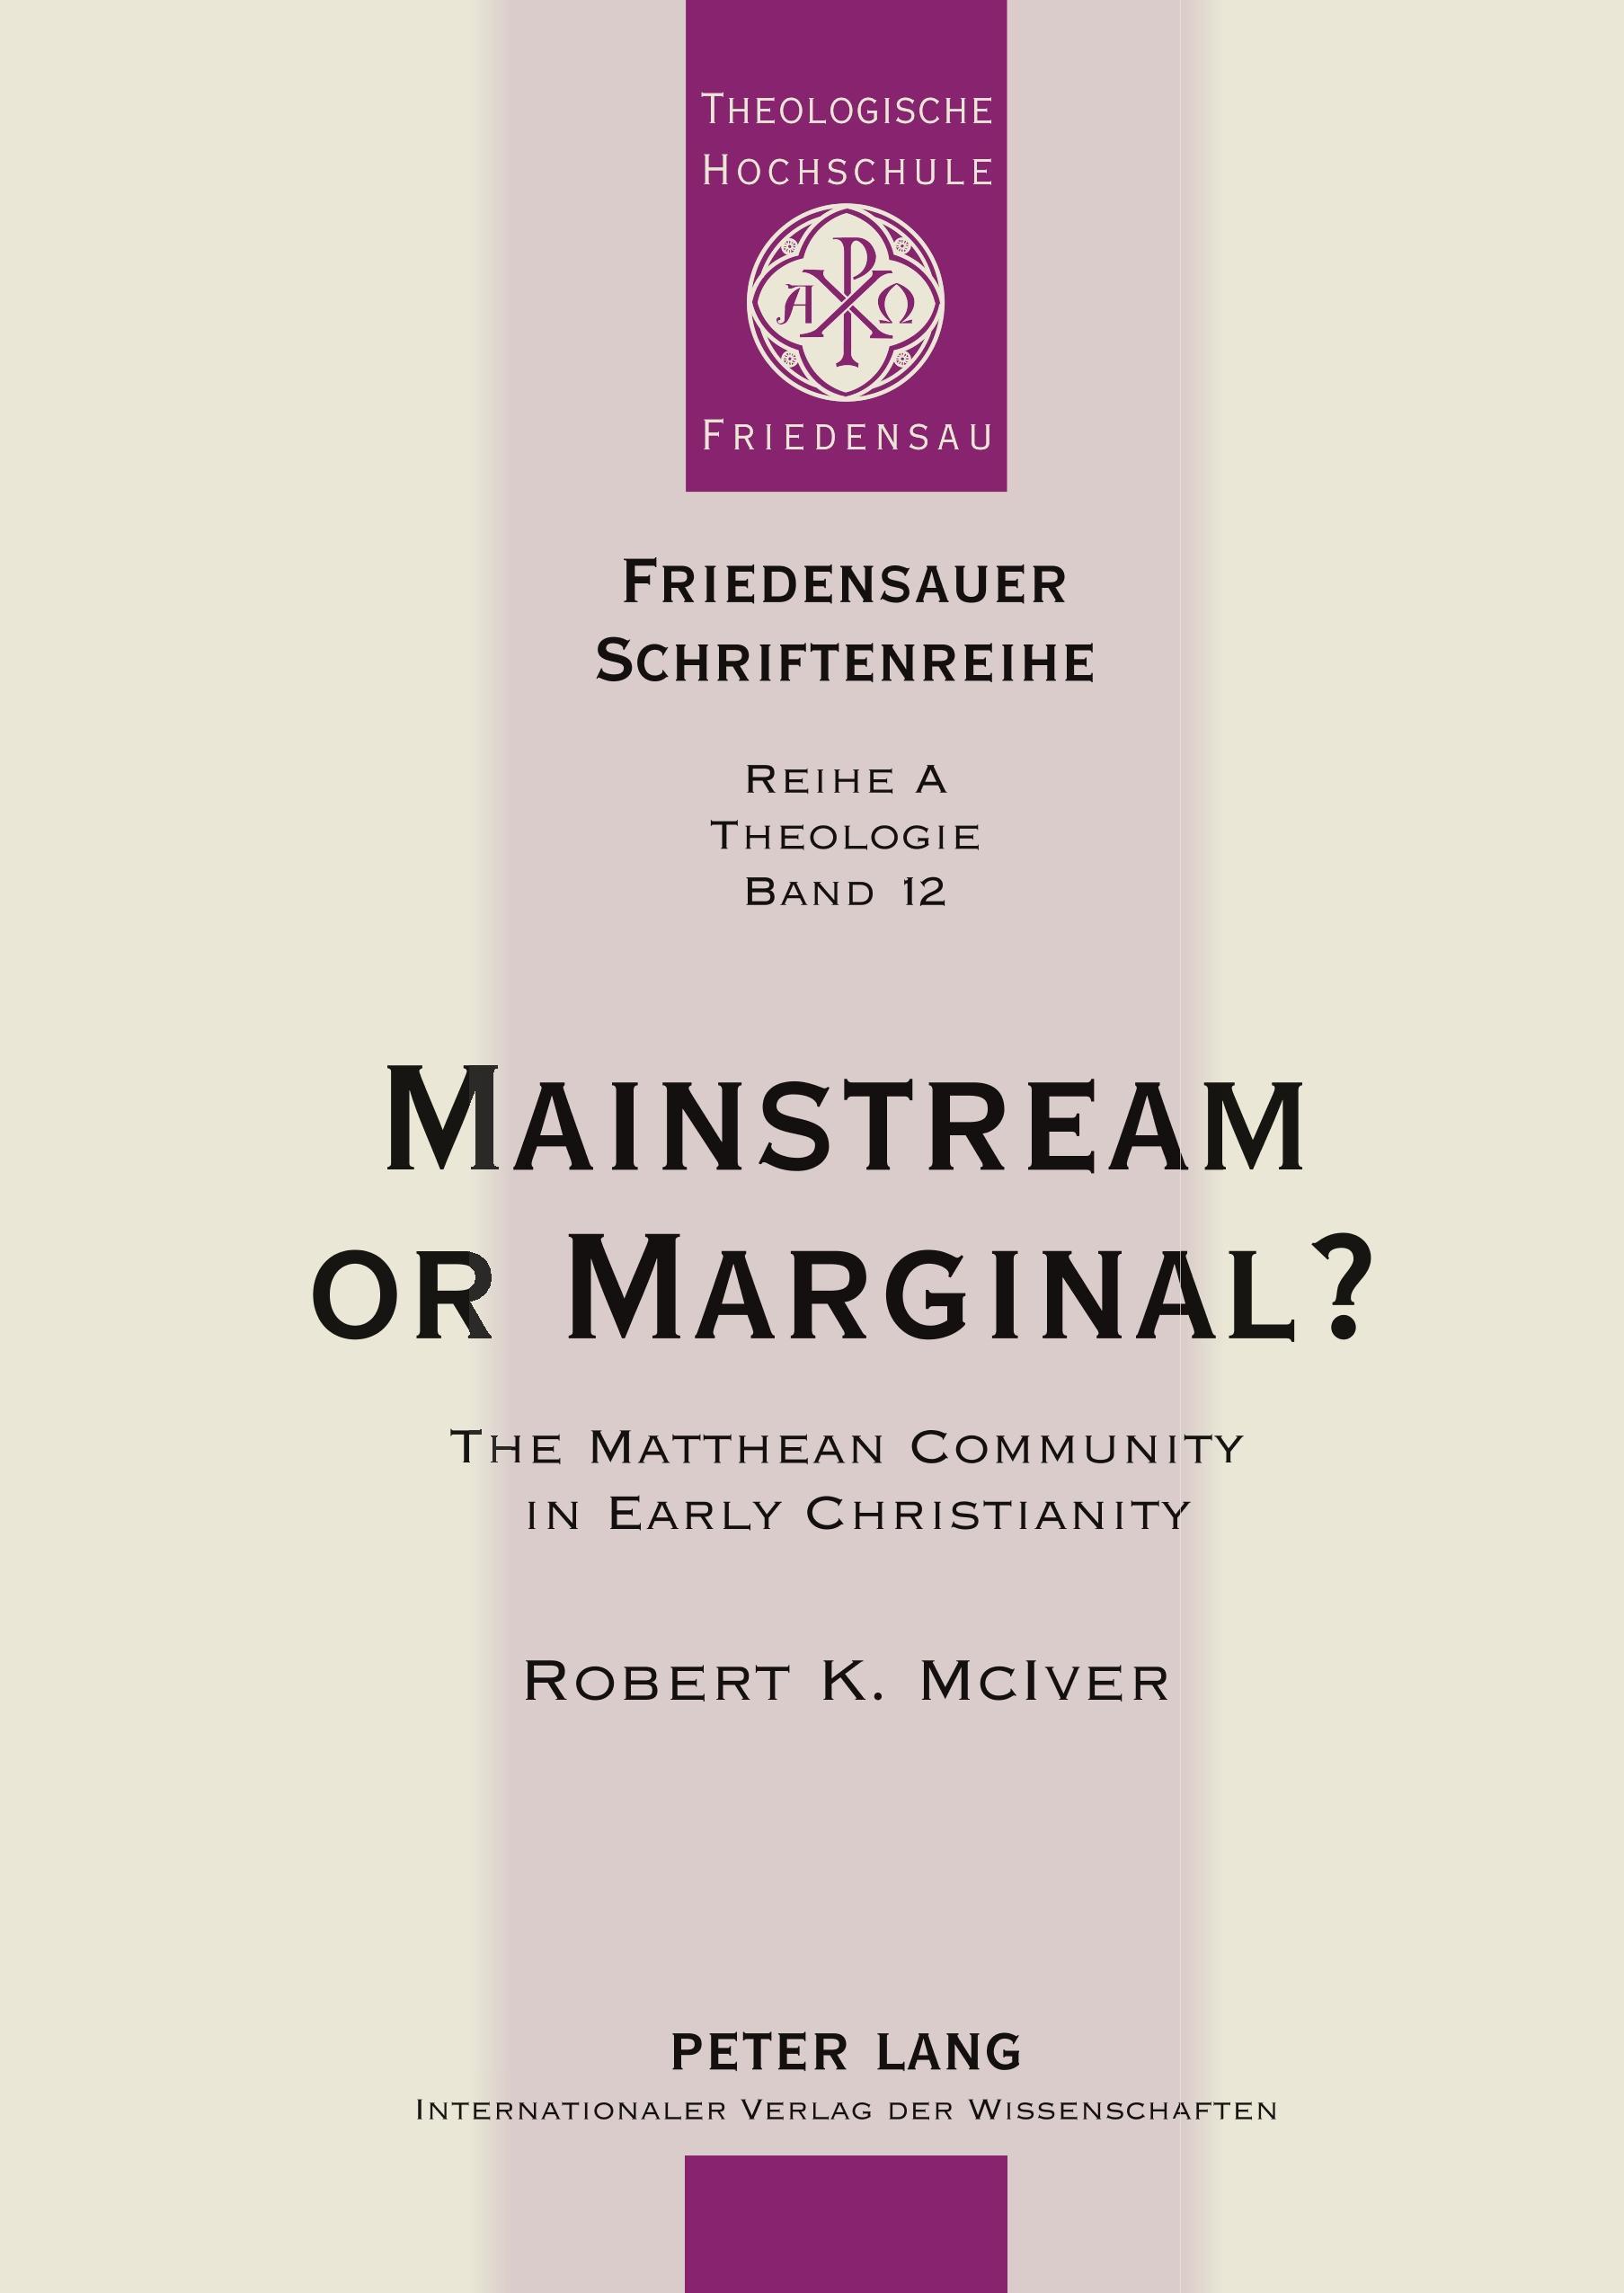 Mainstream or Marginal?, Robert K. McIver